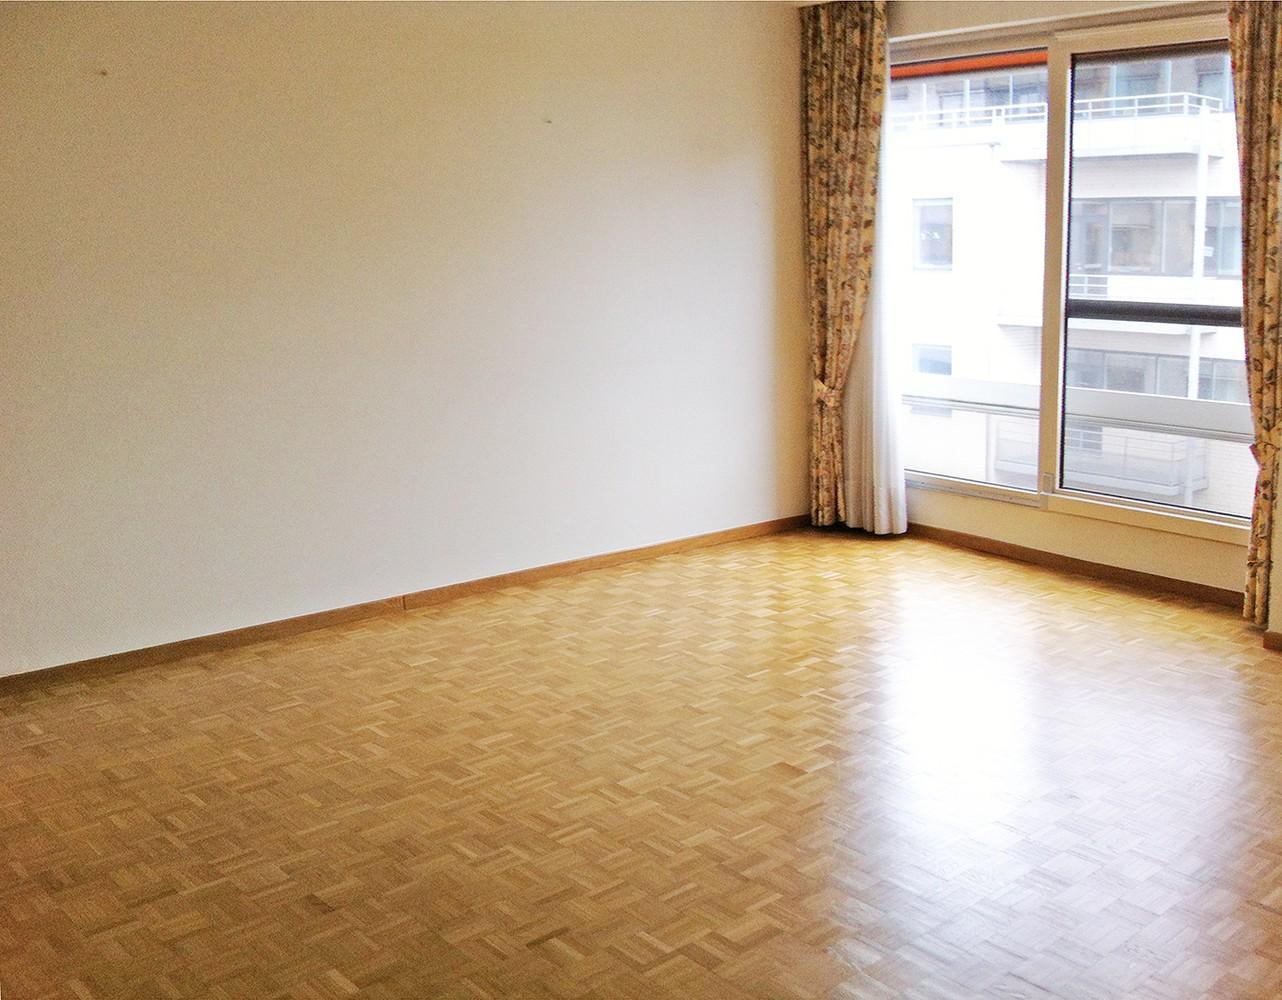 Goed onderhouden verhuurde serviceflat (58 m²) in vooraanstaande residentie te Antwerpen! afbeelding 10